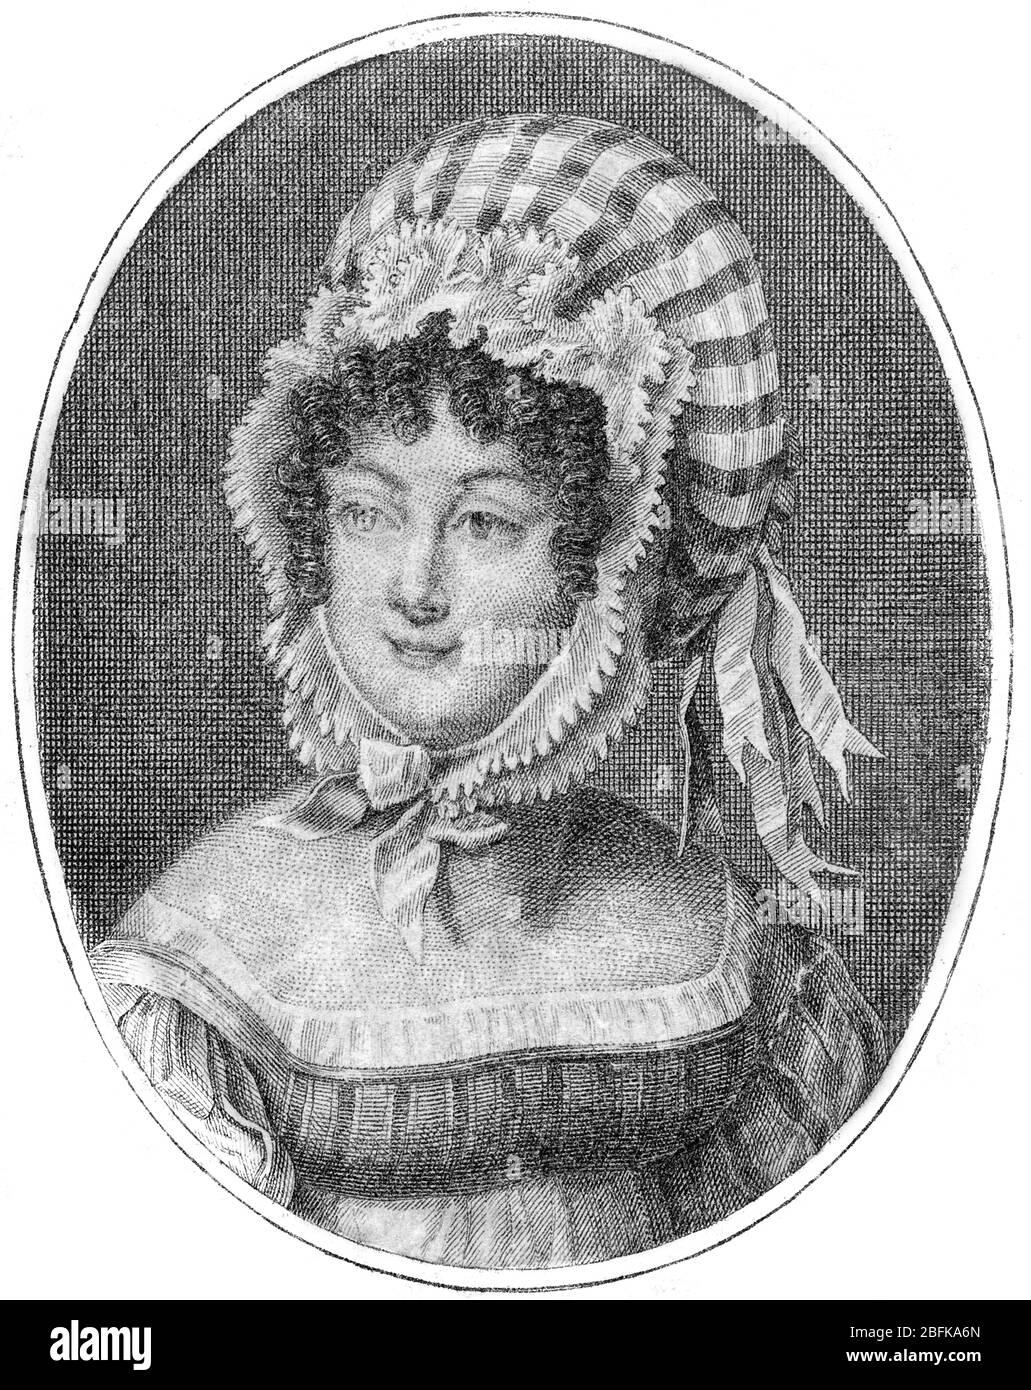 Tête d'une femme portant un capot à rayures, gravure de Saint-Aubin (français, 1736-1807) Banque D'Images